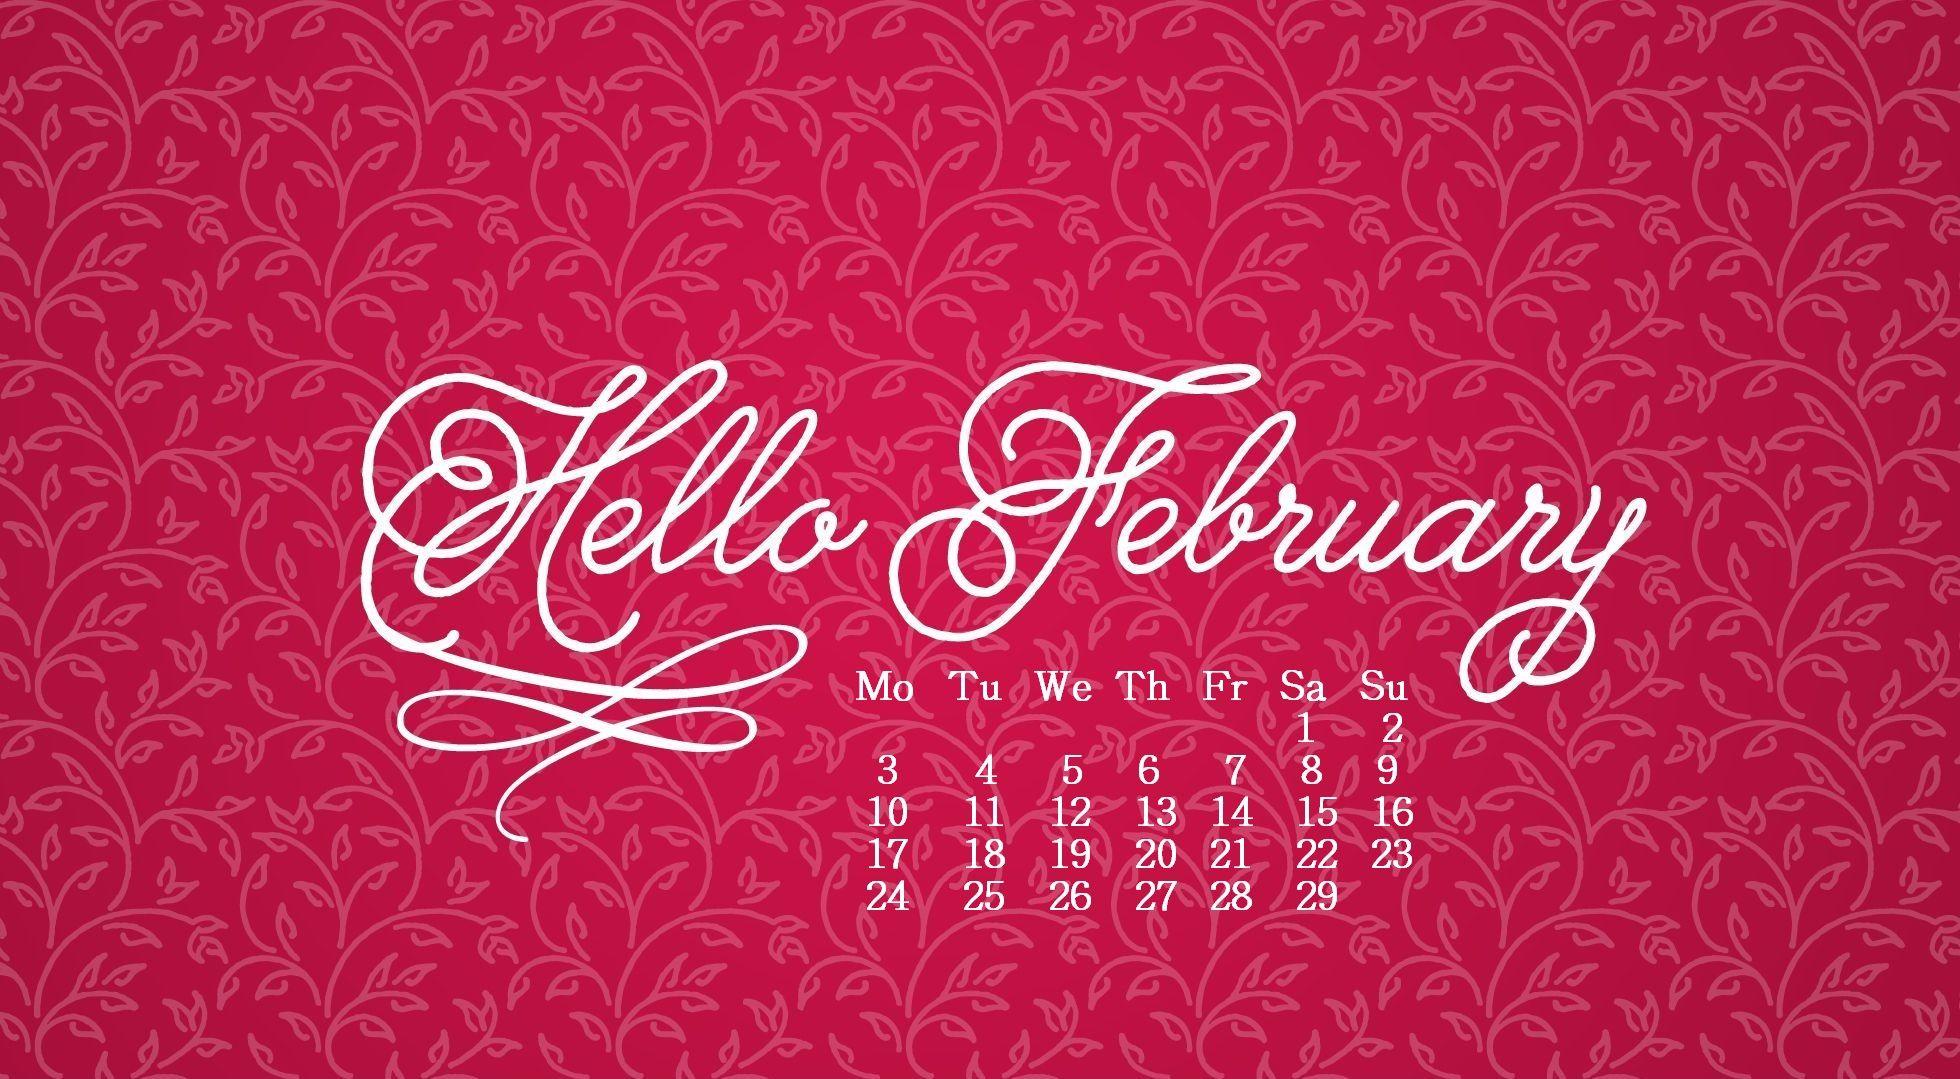 February 2020 Desktop Calendar Wallpaper In 2020 February